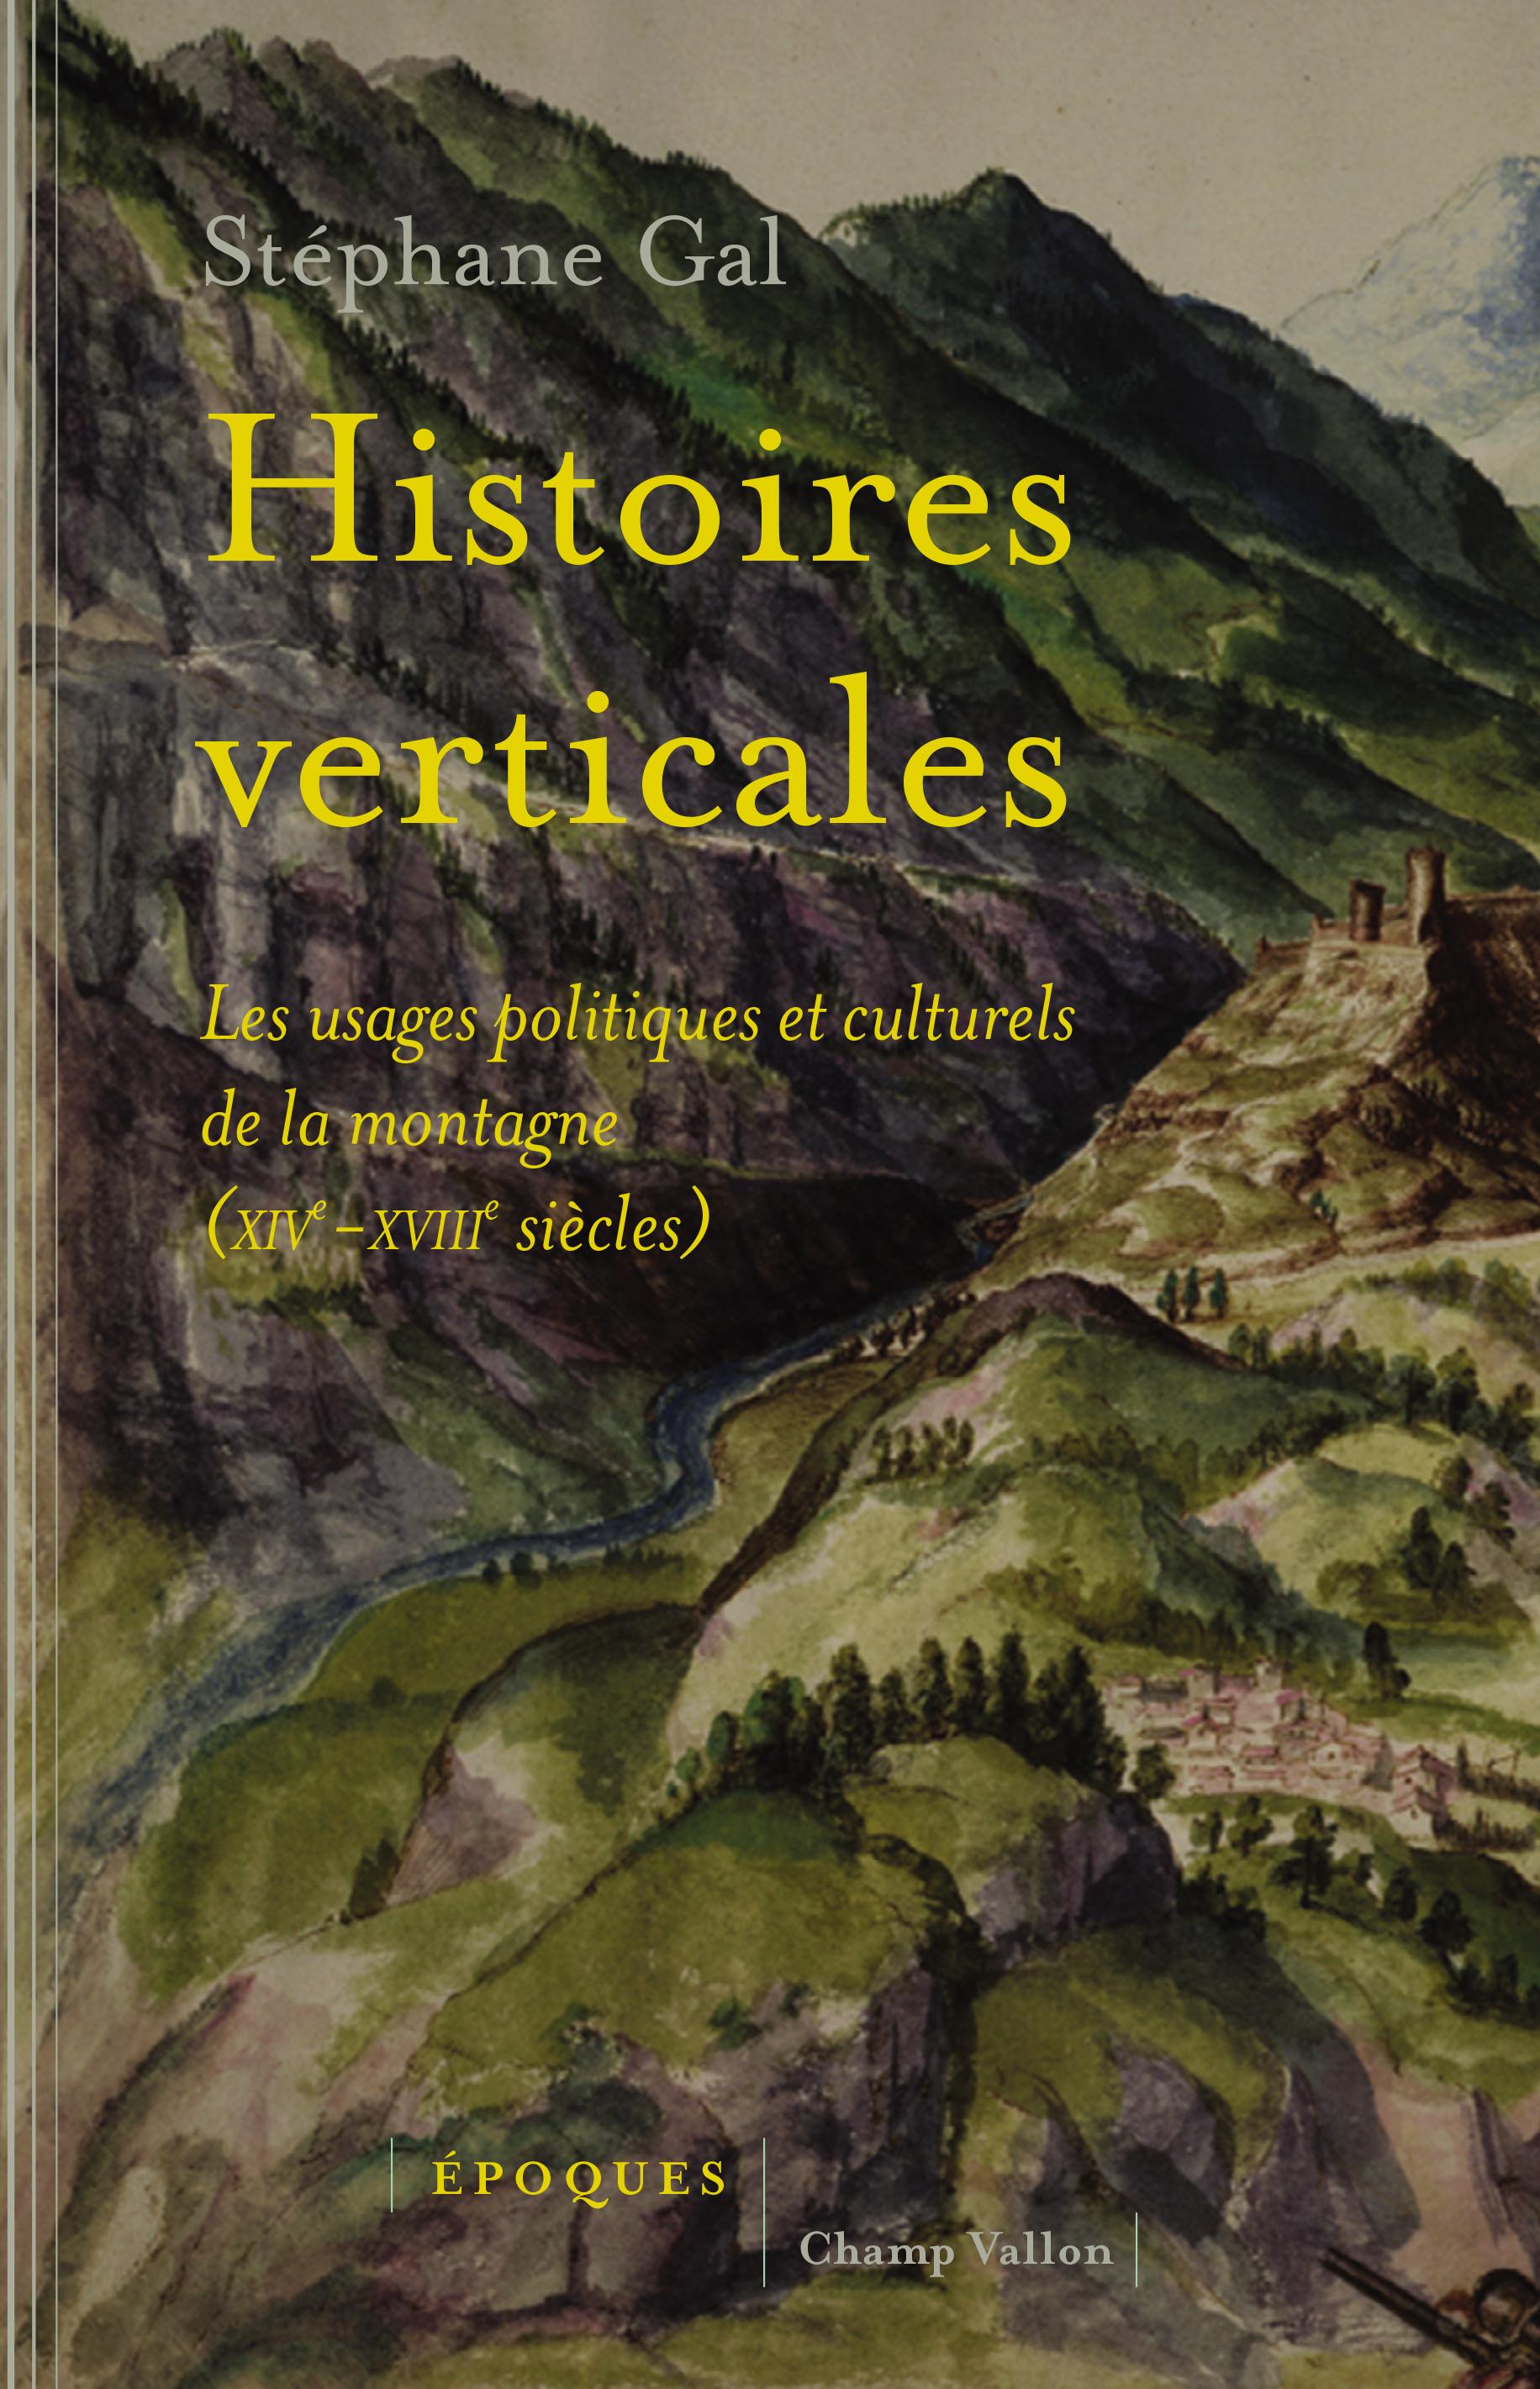 Histoires verticales, Les usages politiques et culturels de la montagne (XIVe-XVIIIe siècles)